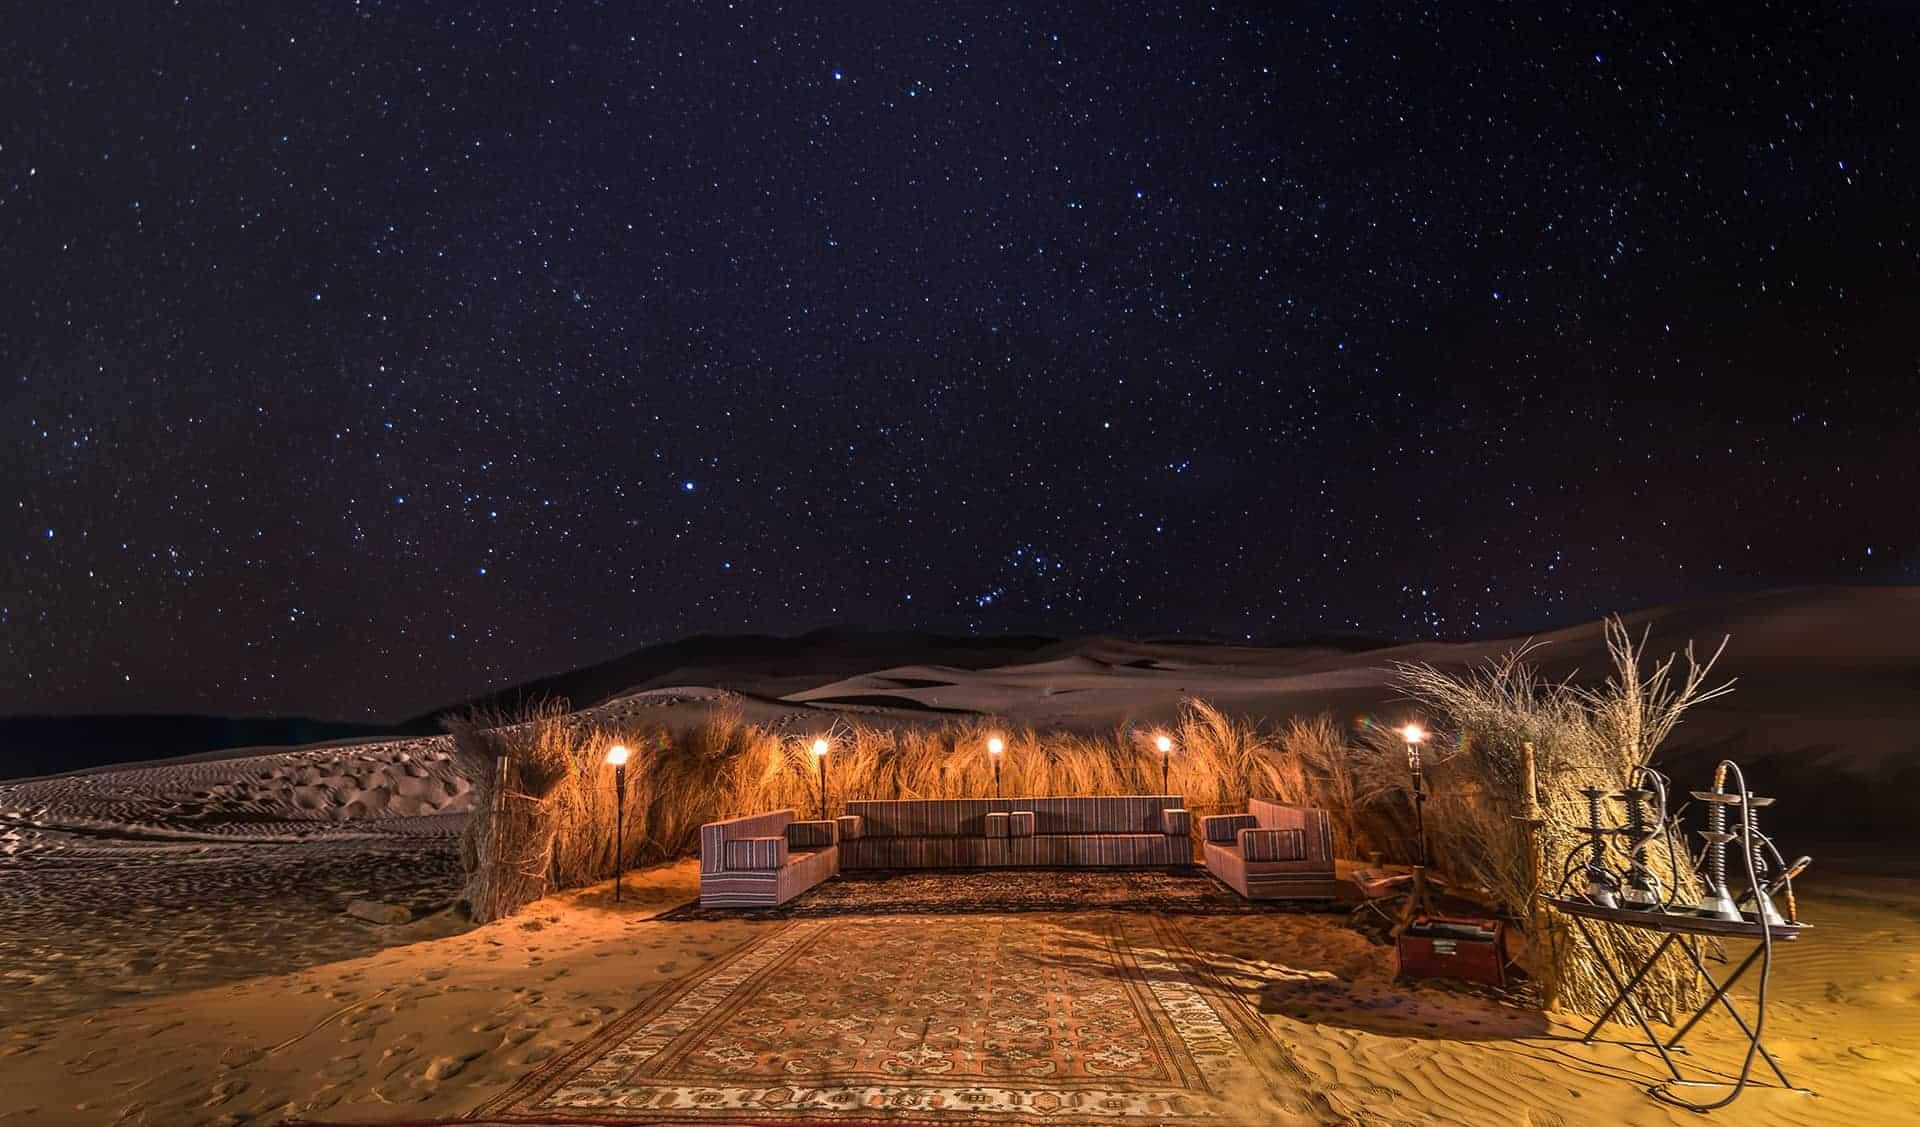 nuit desert dubai